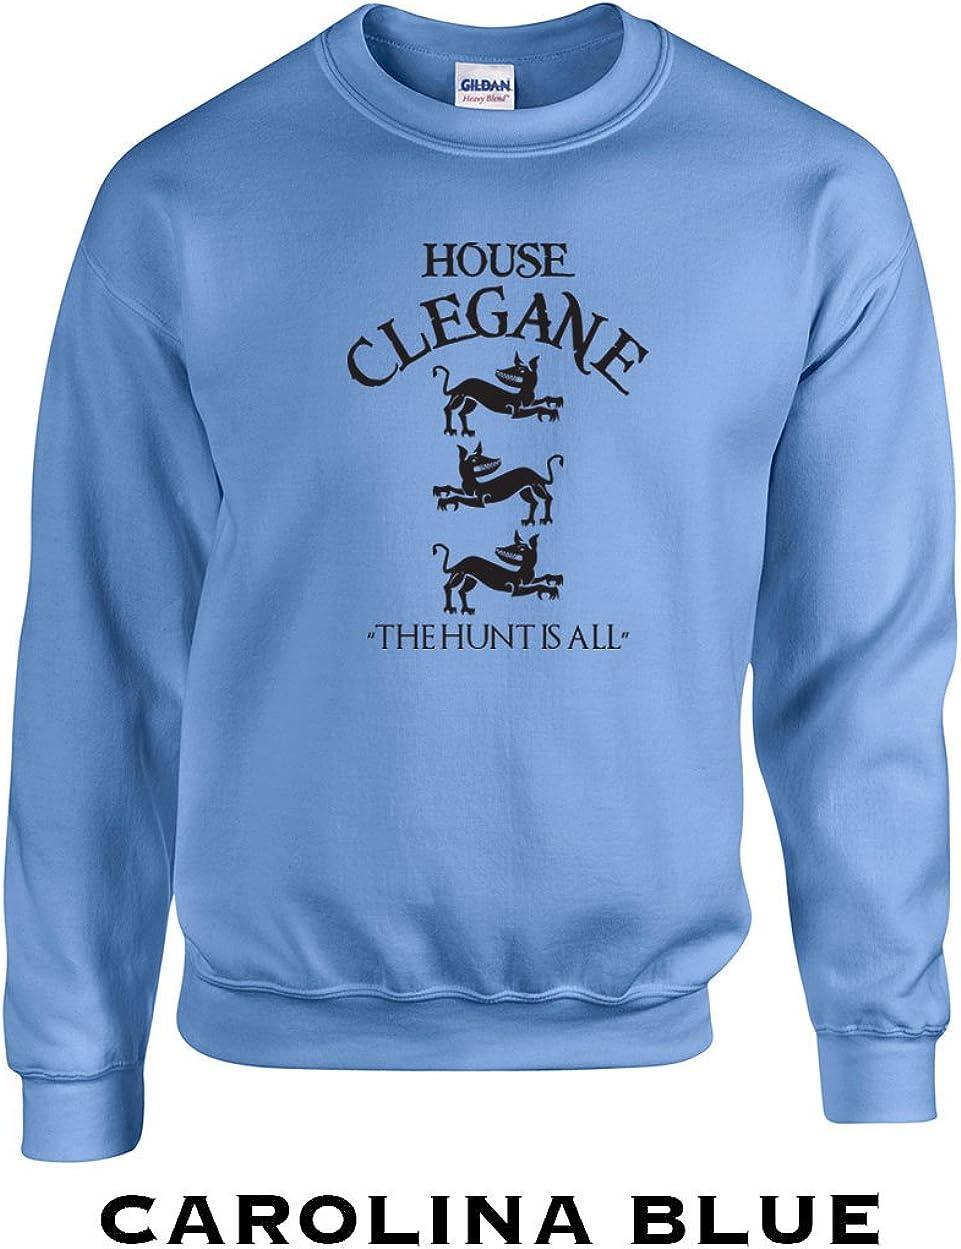 Swaffy Tees 12 House Clegane Funny Hooded Sweatshirt